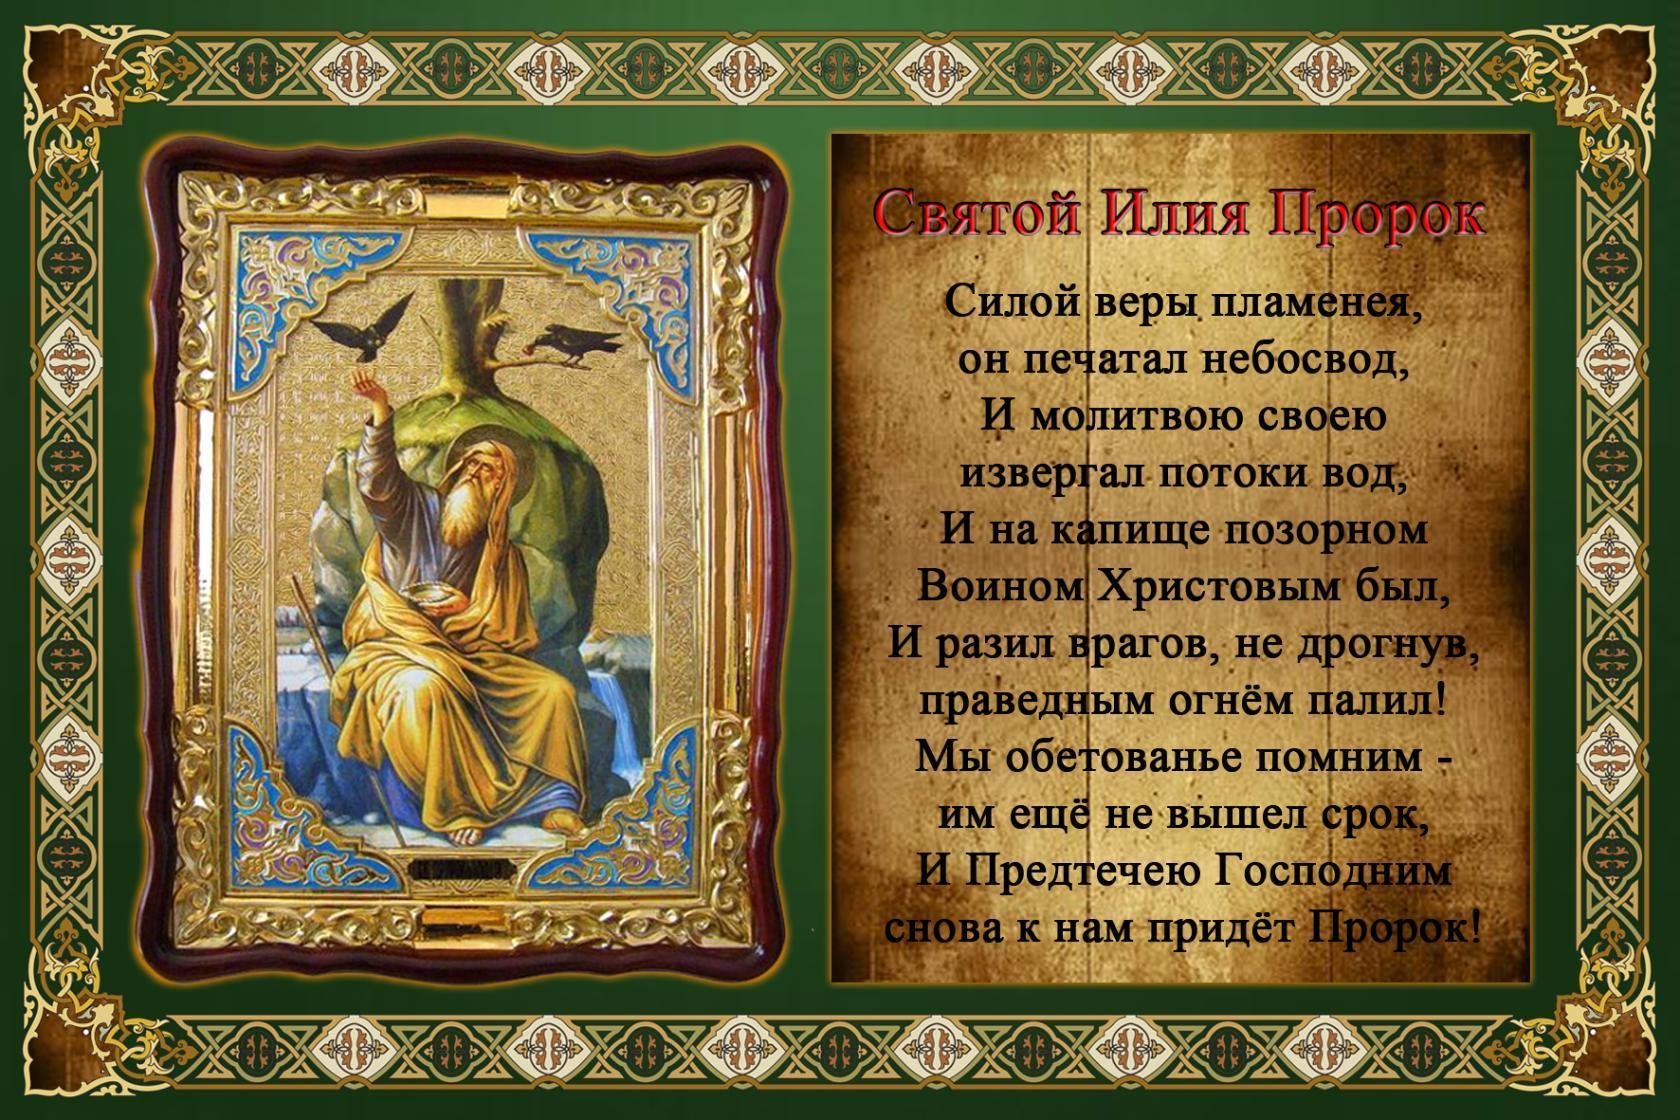 https://s.poembook.ru/theme/57/f7/3b/d3be3f73f33d82ae2c64b572d78fdeaf932f99f3.jpeg